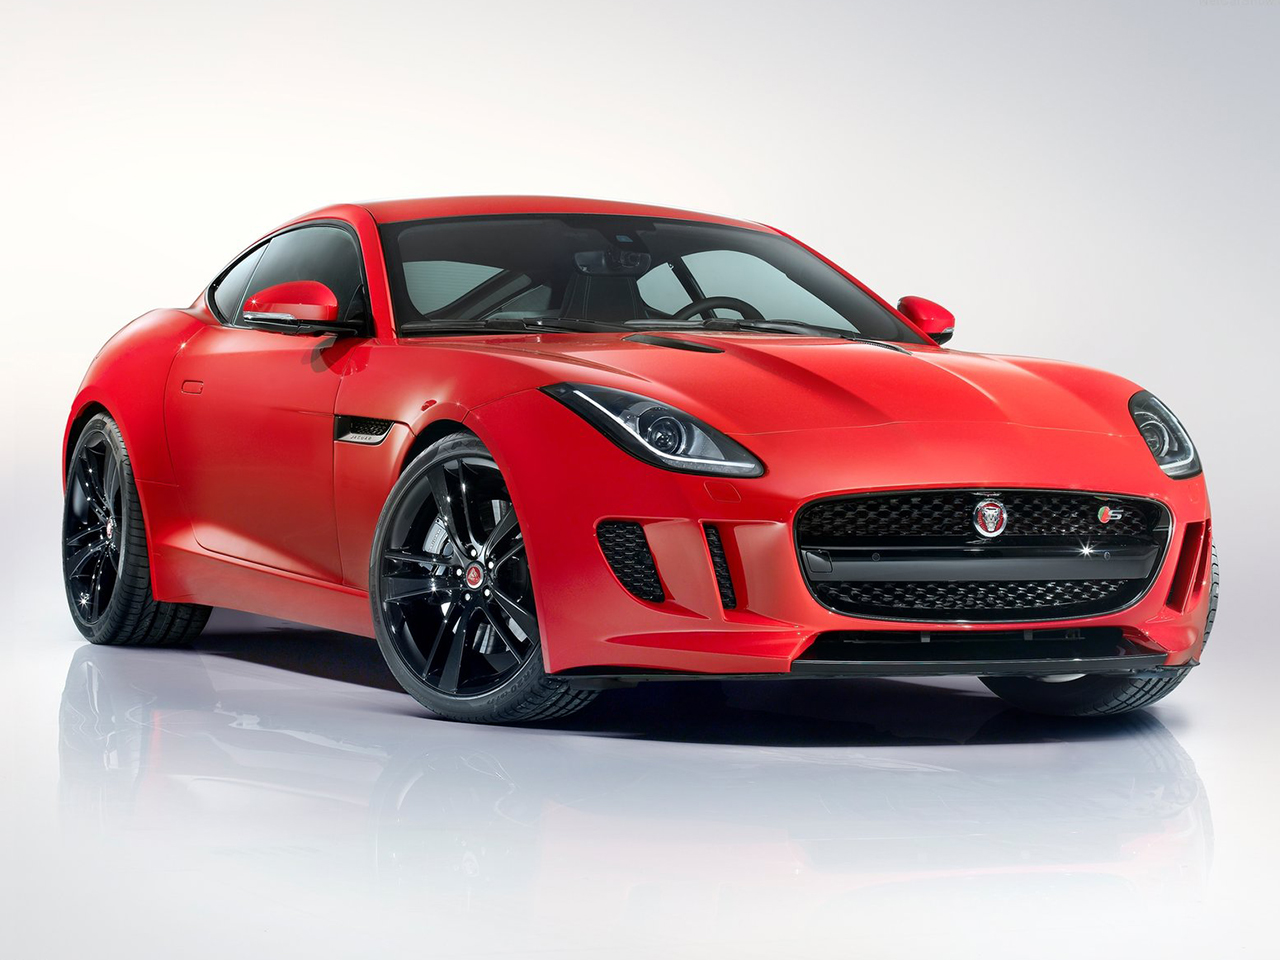 2020 Jaguar Xj Coupe Exterior